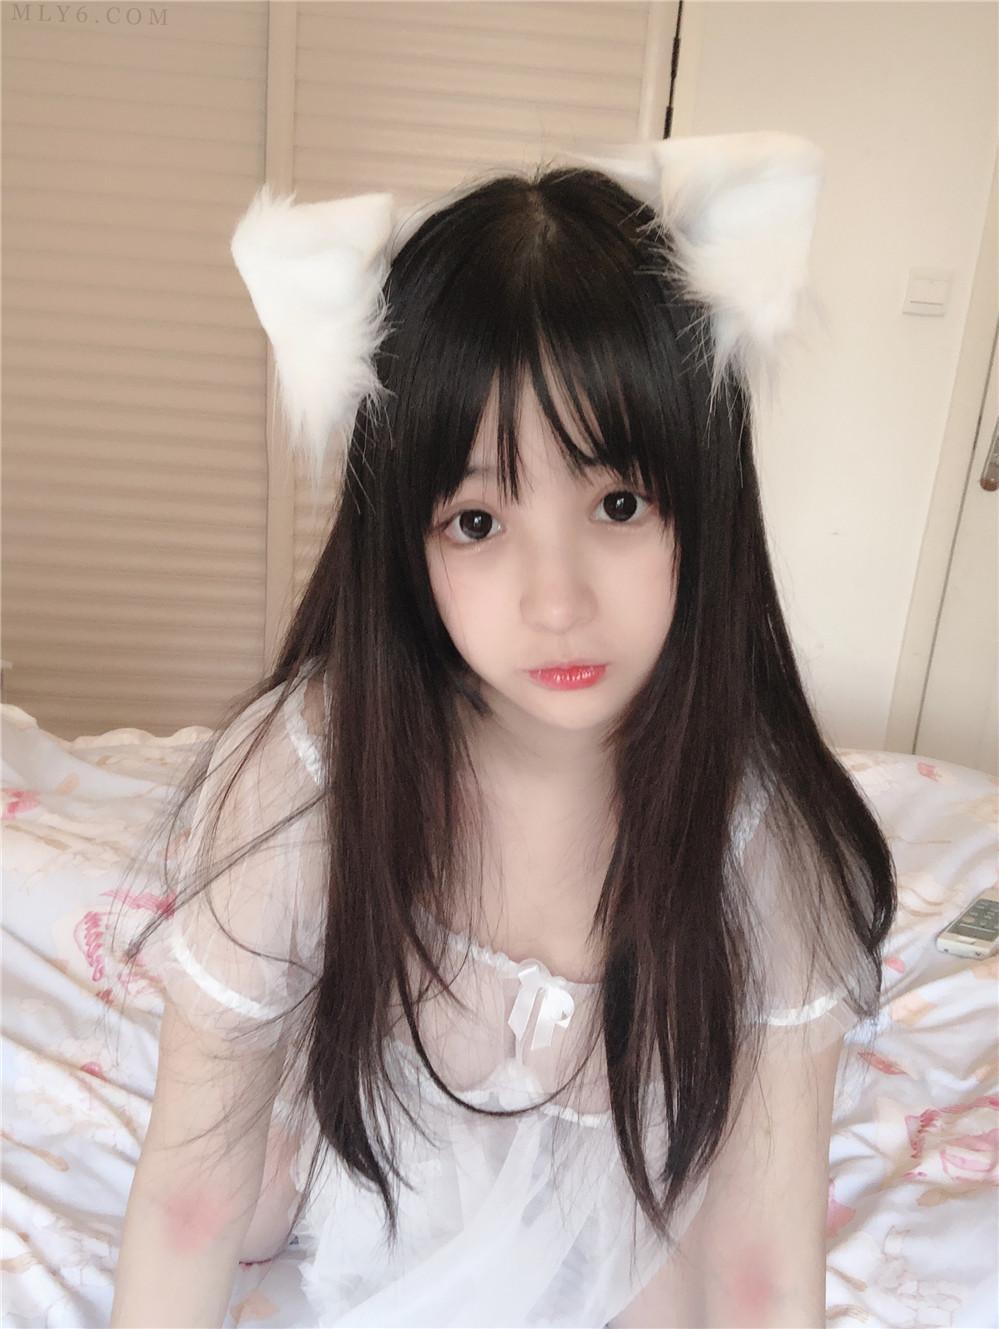 桜井宁宁 NO.022 小白猫【31P-34M】